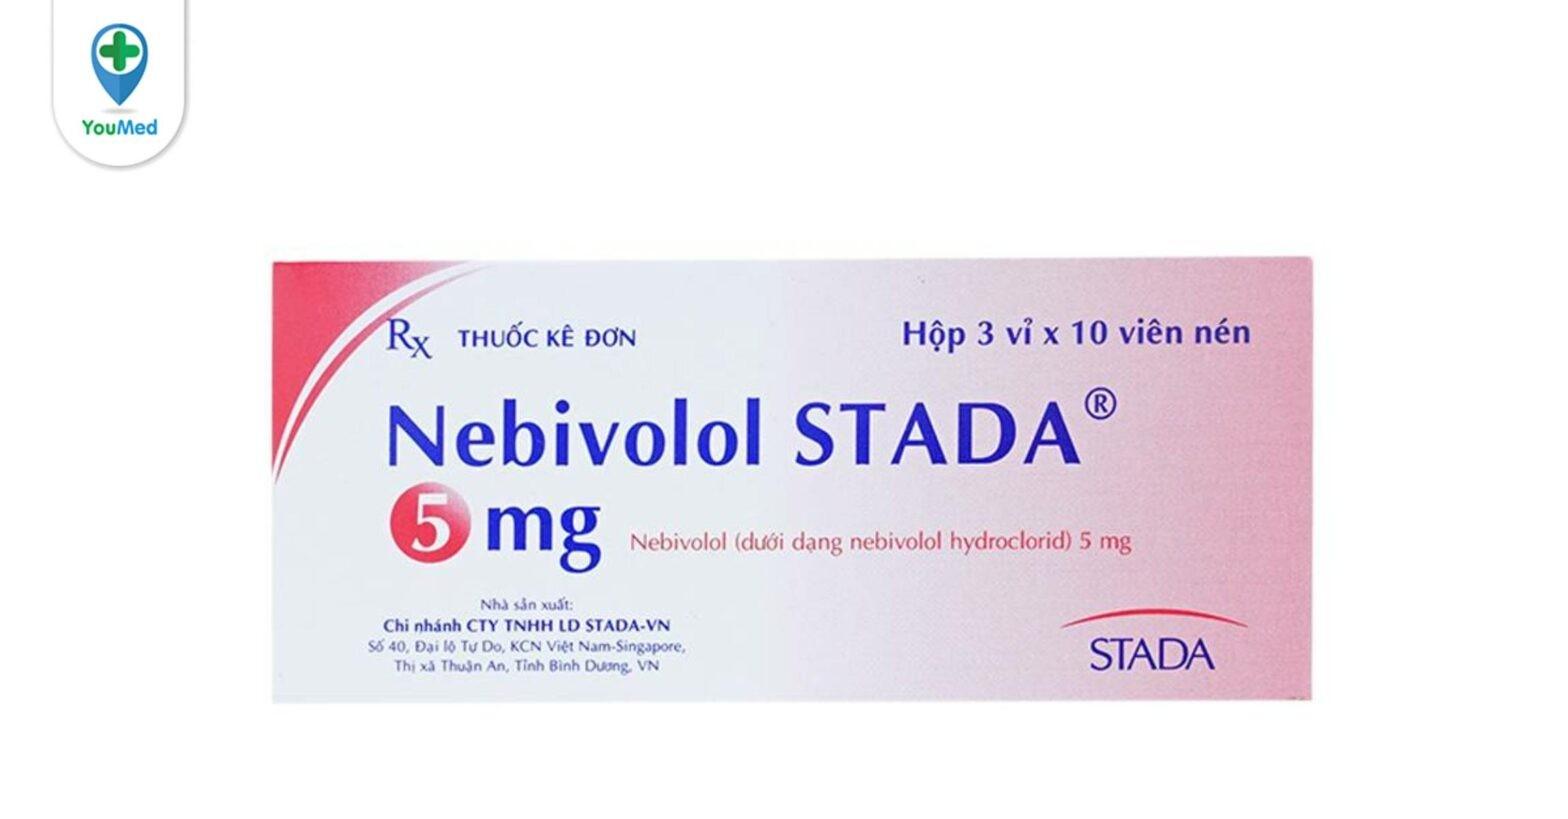 Nebivolol 5mg là thuốc gì? giá, công dụng và những điều cần lưu ý